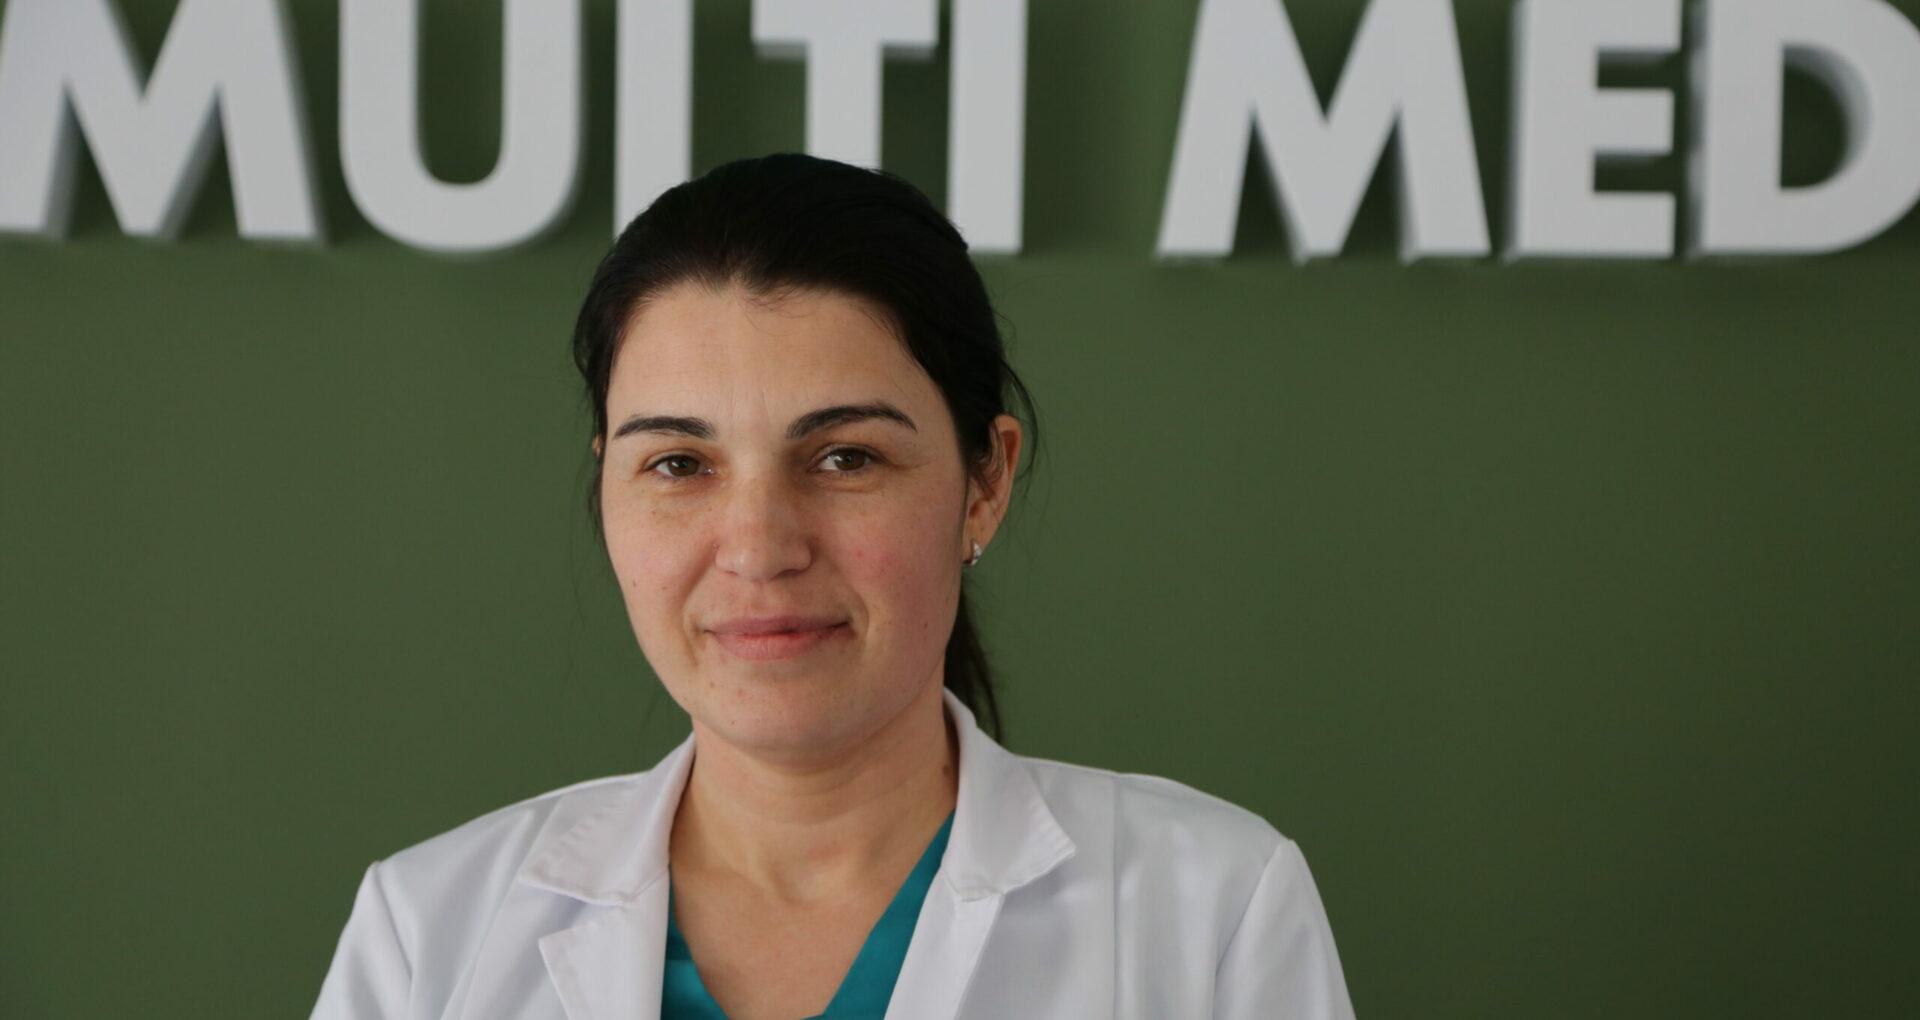 """""""Colegii din Italia mi-au spus:  nu repetați greșelile noastre!"""". Mărturiile unui medic migrant"""